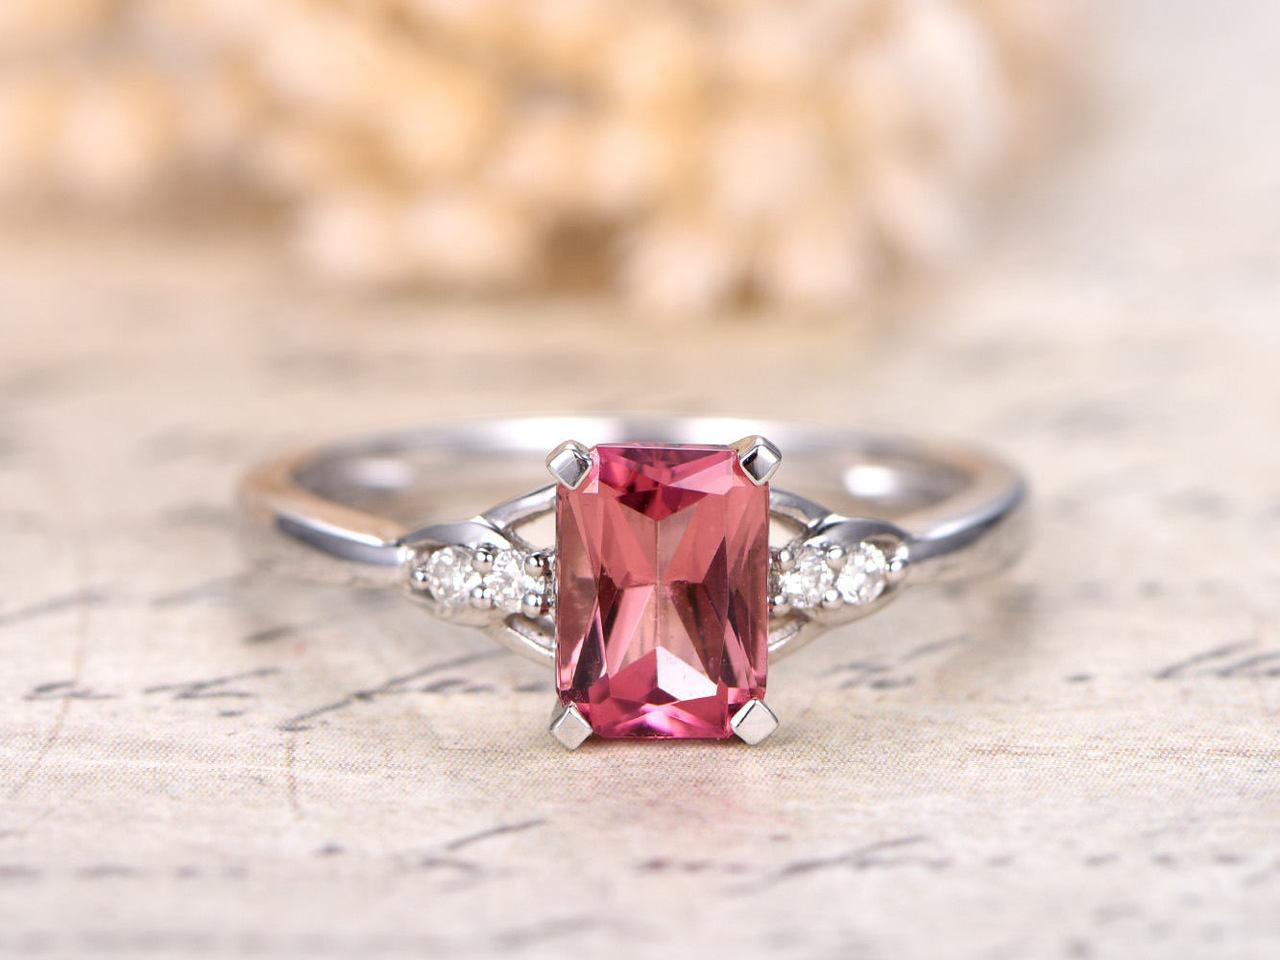 Dainty emerald ring garnet ring diamond ring pink tourmaline ring